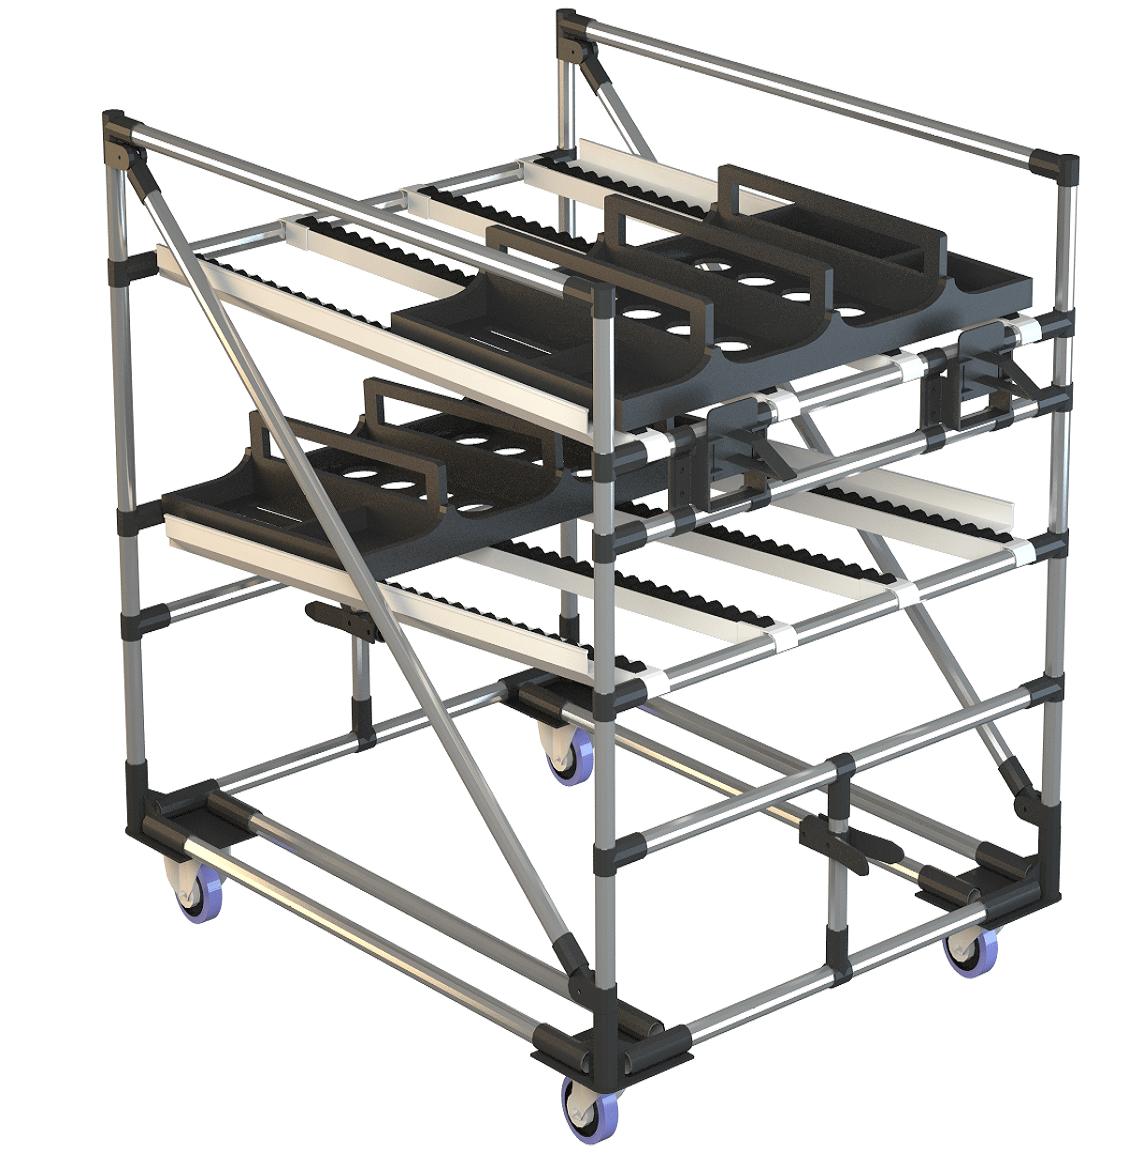 Nos shooter trolleys permettent à l'opérateur de résoudre le problème de manutention de charges lourdes, grâce à l'introduction de supports équipés de convoyeurs à rouleaux par gravité qui permettent de « glisser » les conteneurs remplis d'éléments d'une voiture à l'autre ou d'une structure fixe à la voiture.